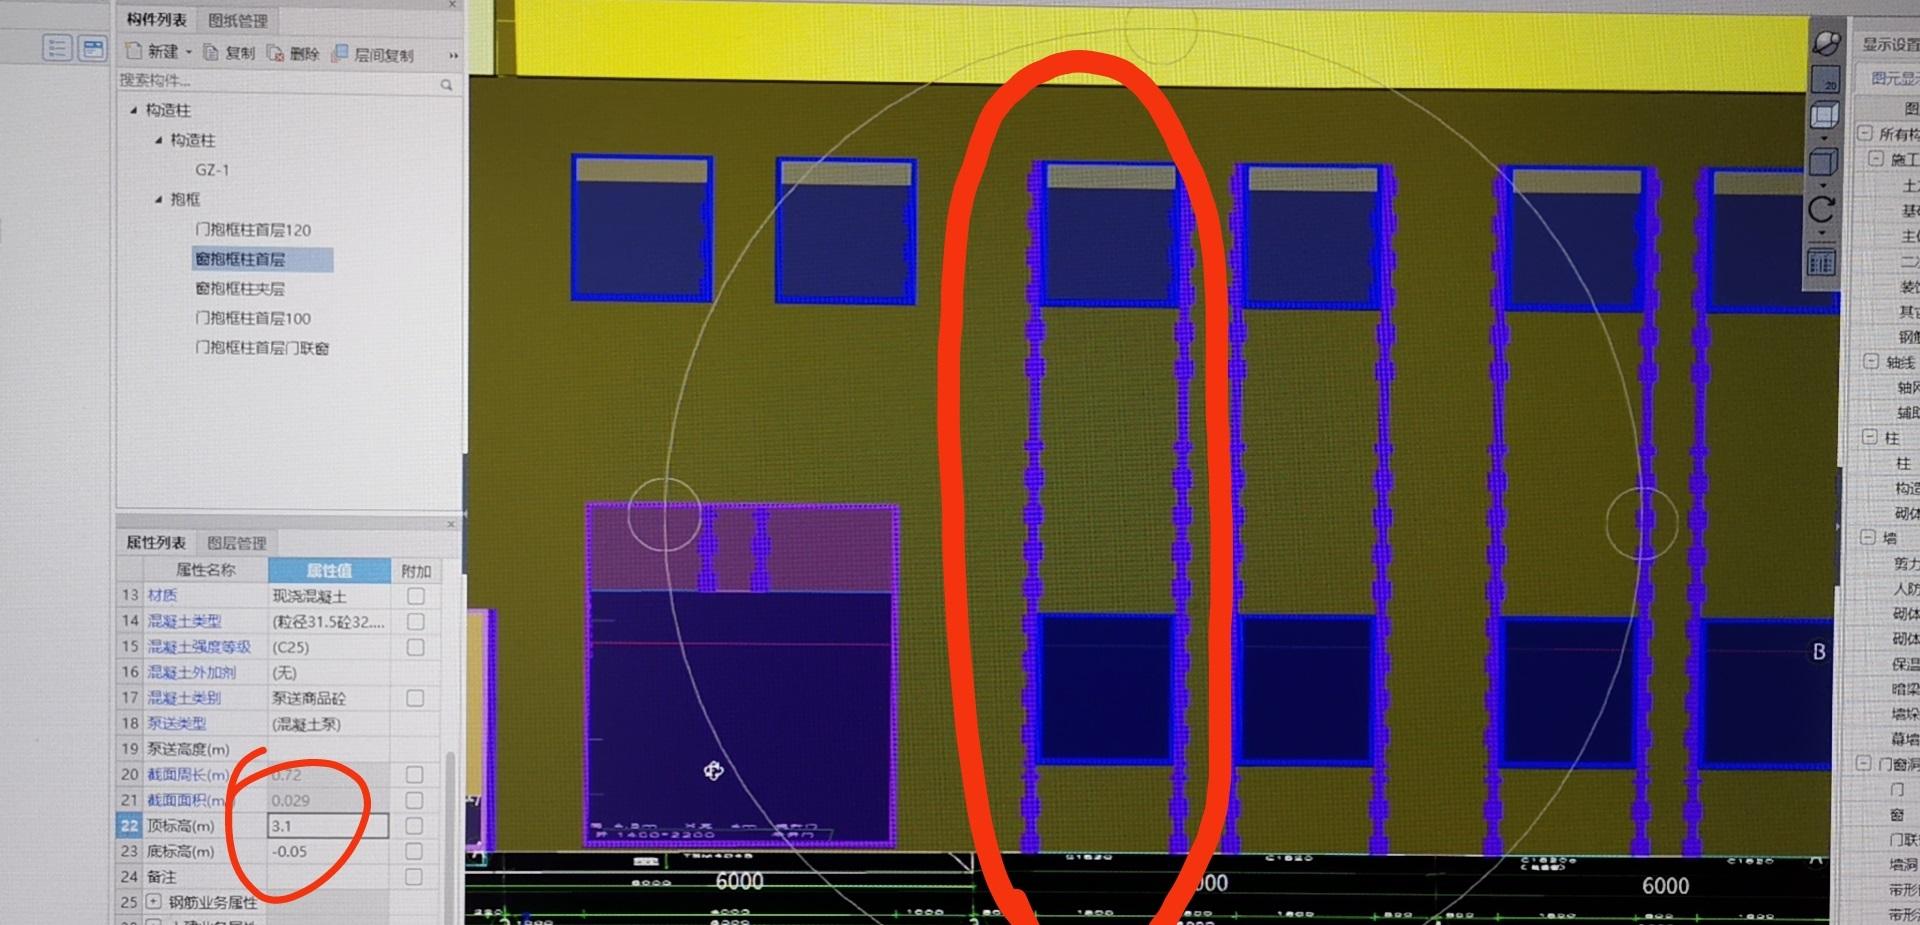 土建,江苏,答疑:两排窗在同层,抱框柱设置问题:设置标高3.1m后,柱还是升到了上面的窗-江苏土建,